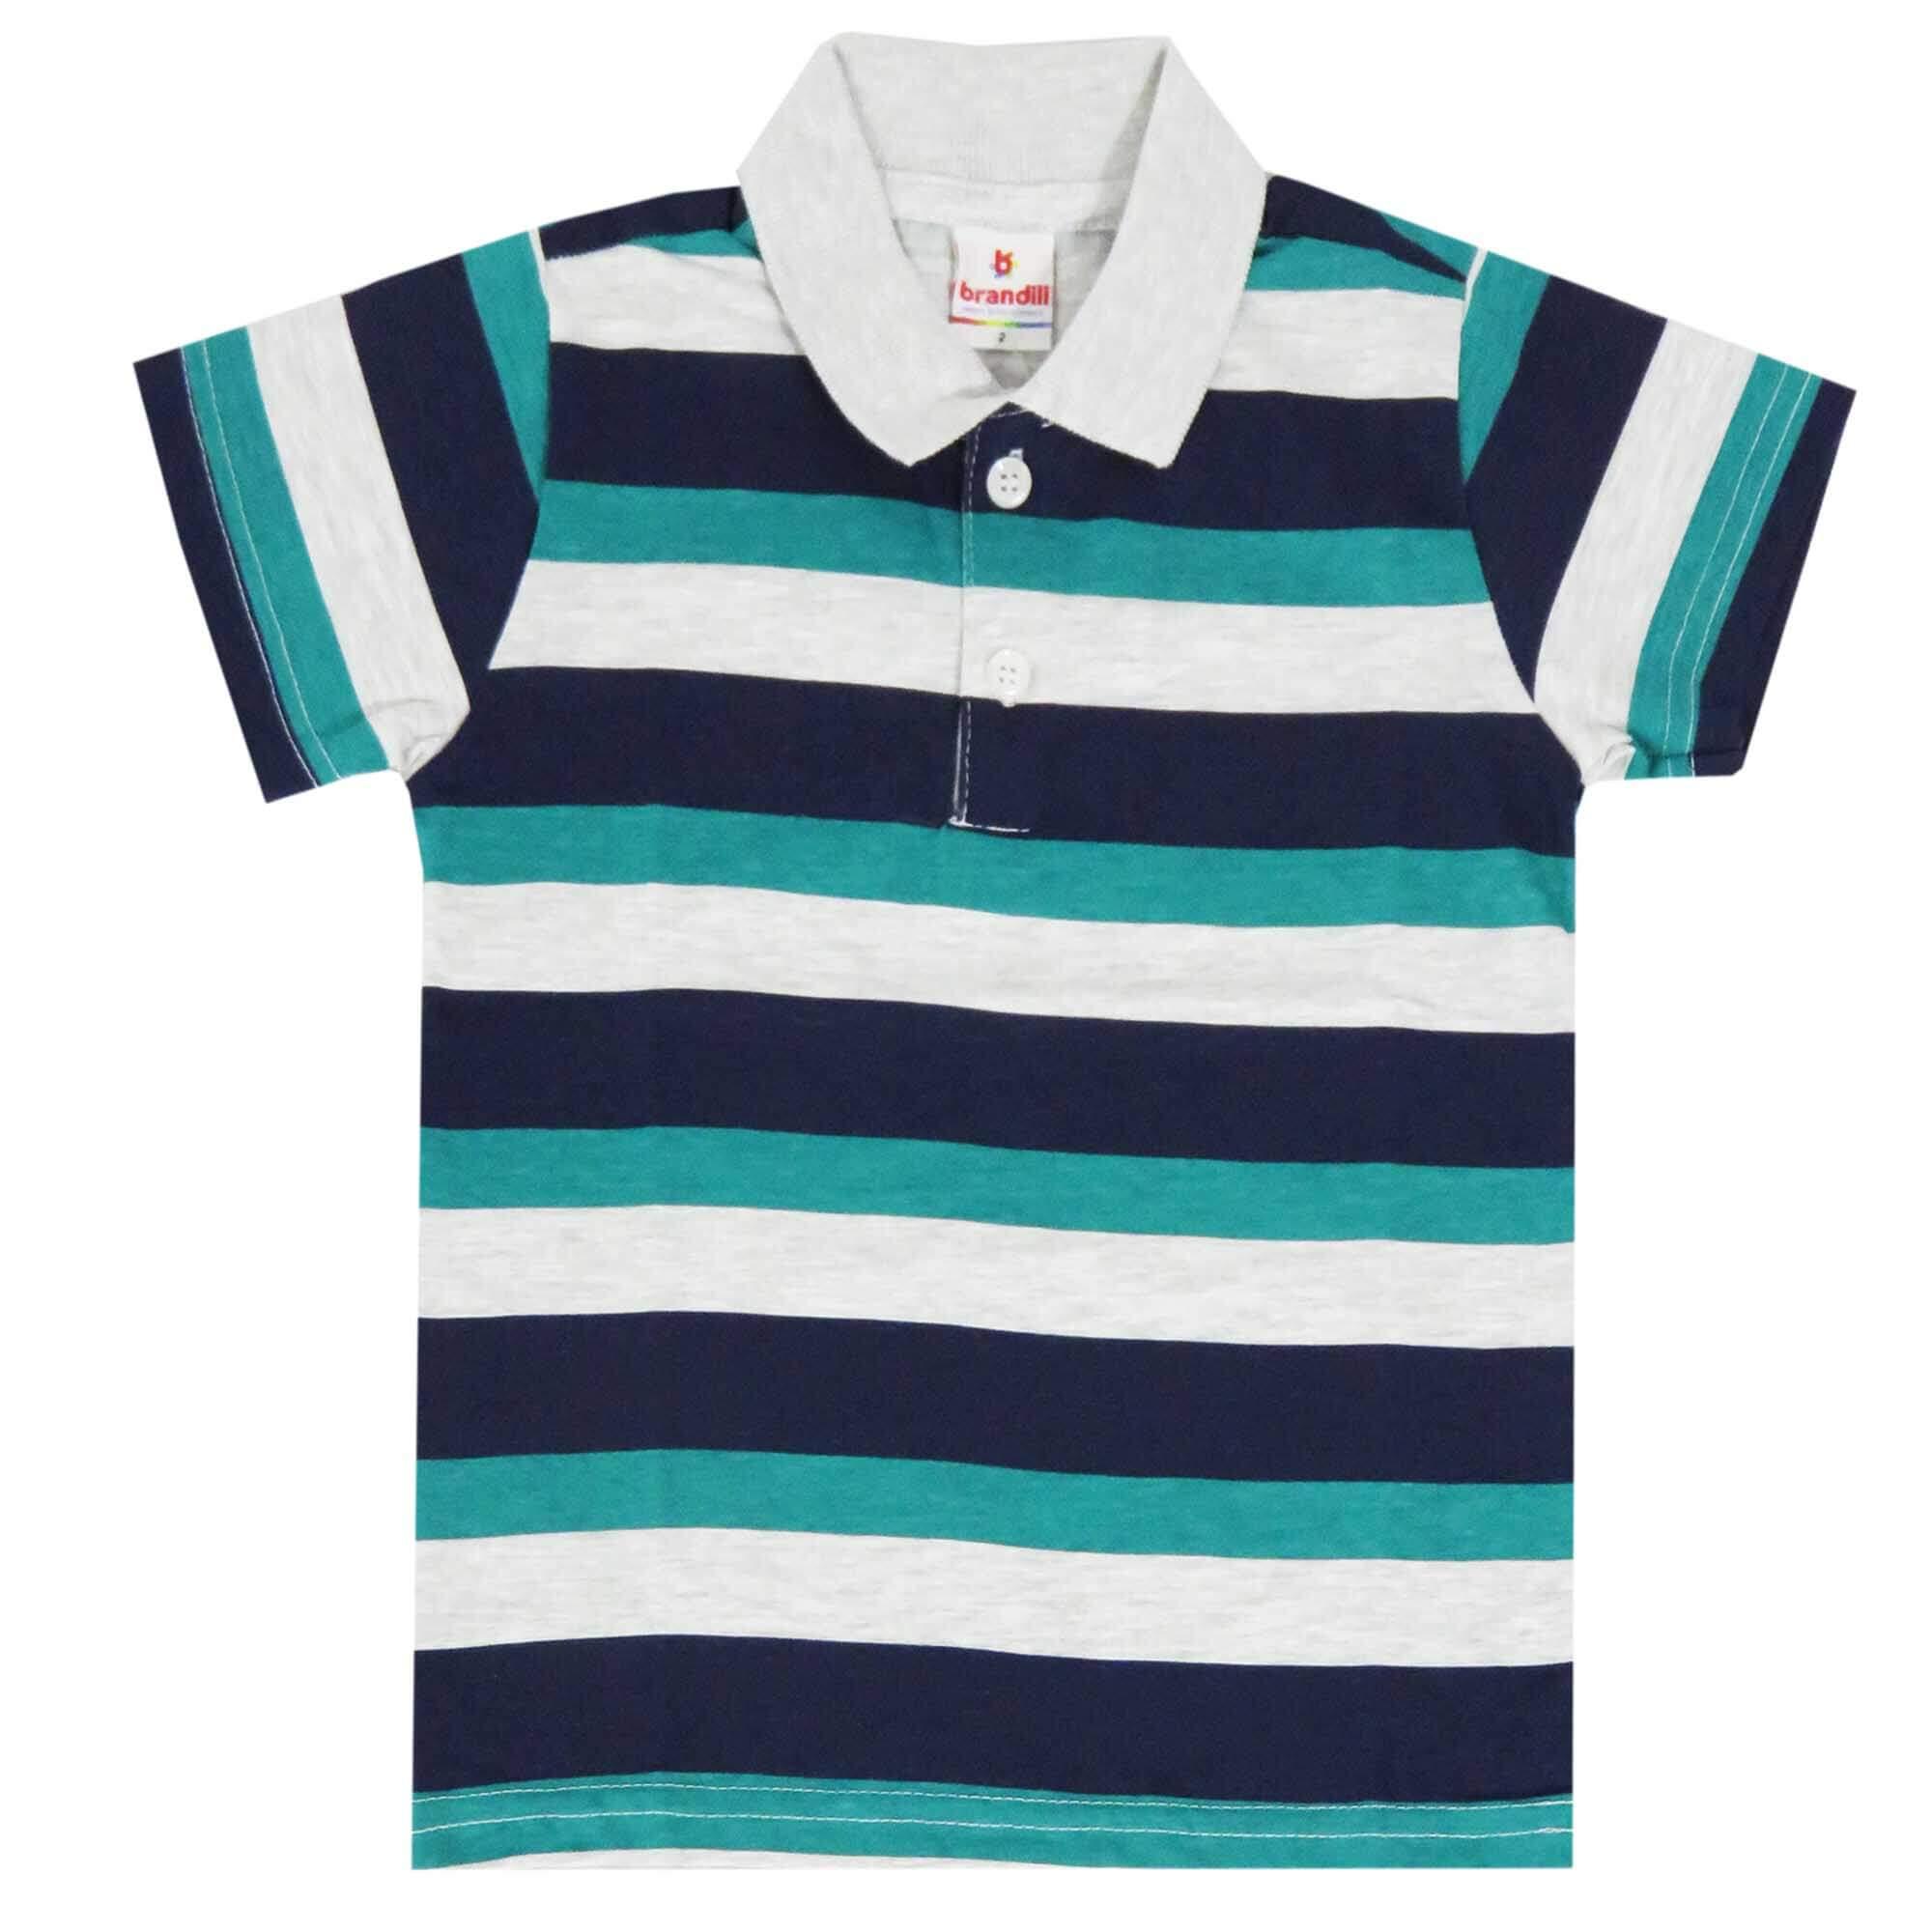 Camiseta Polo Meia Manga Brandili Meia Malha - 4 ao 10